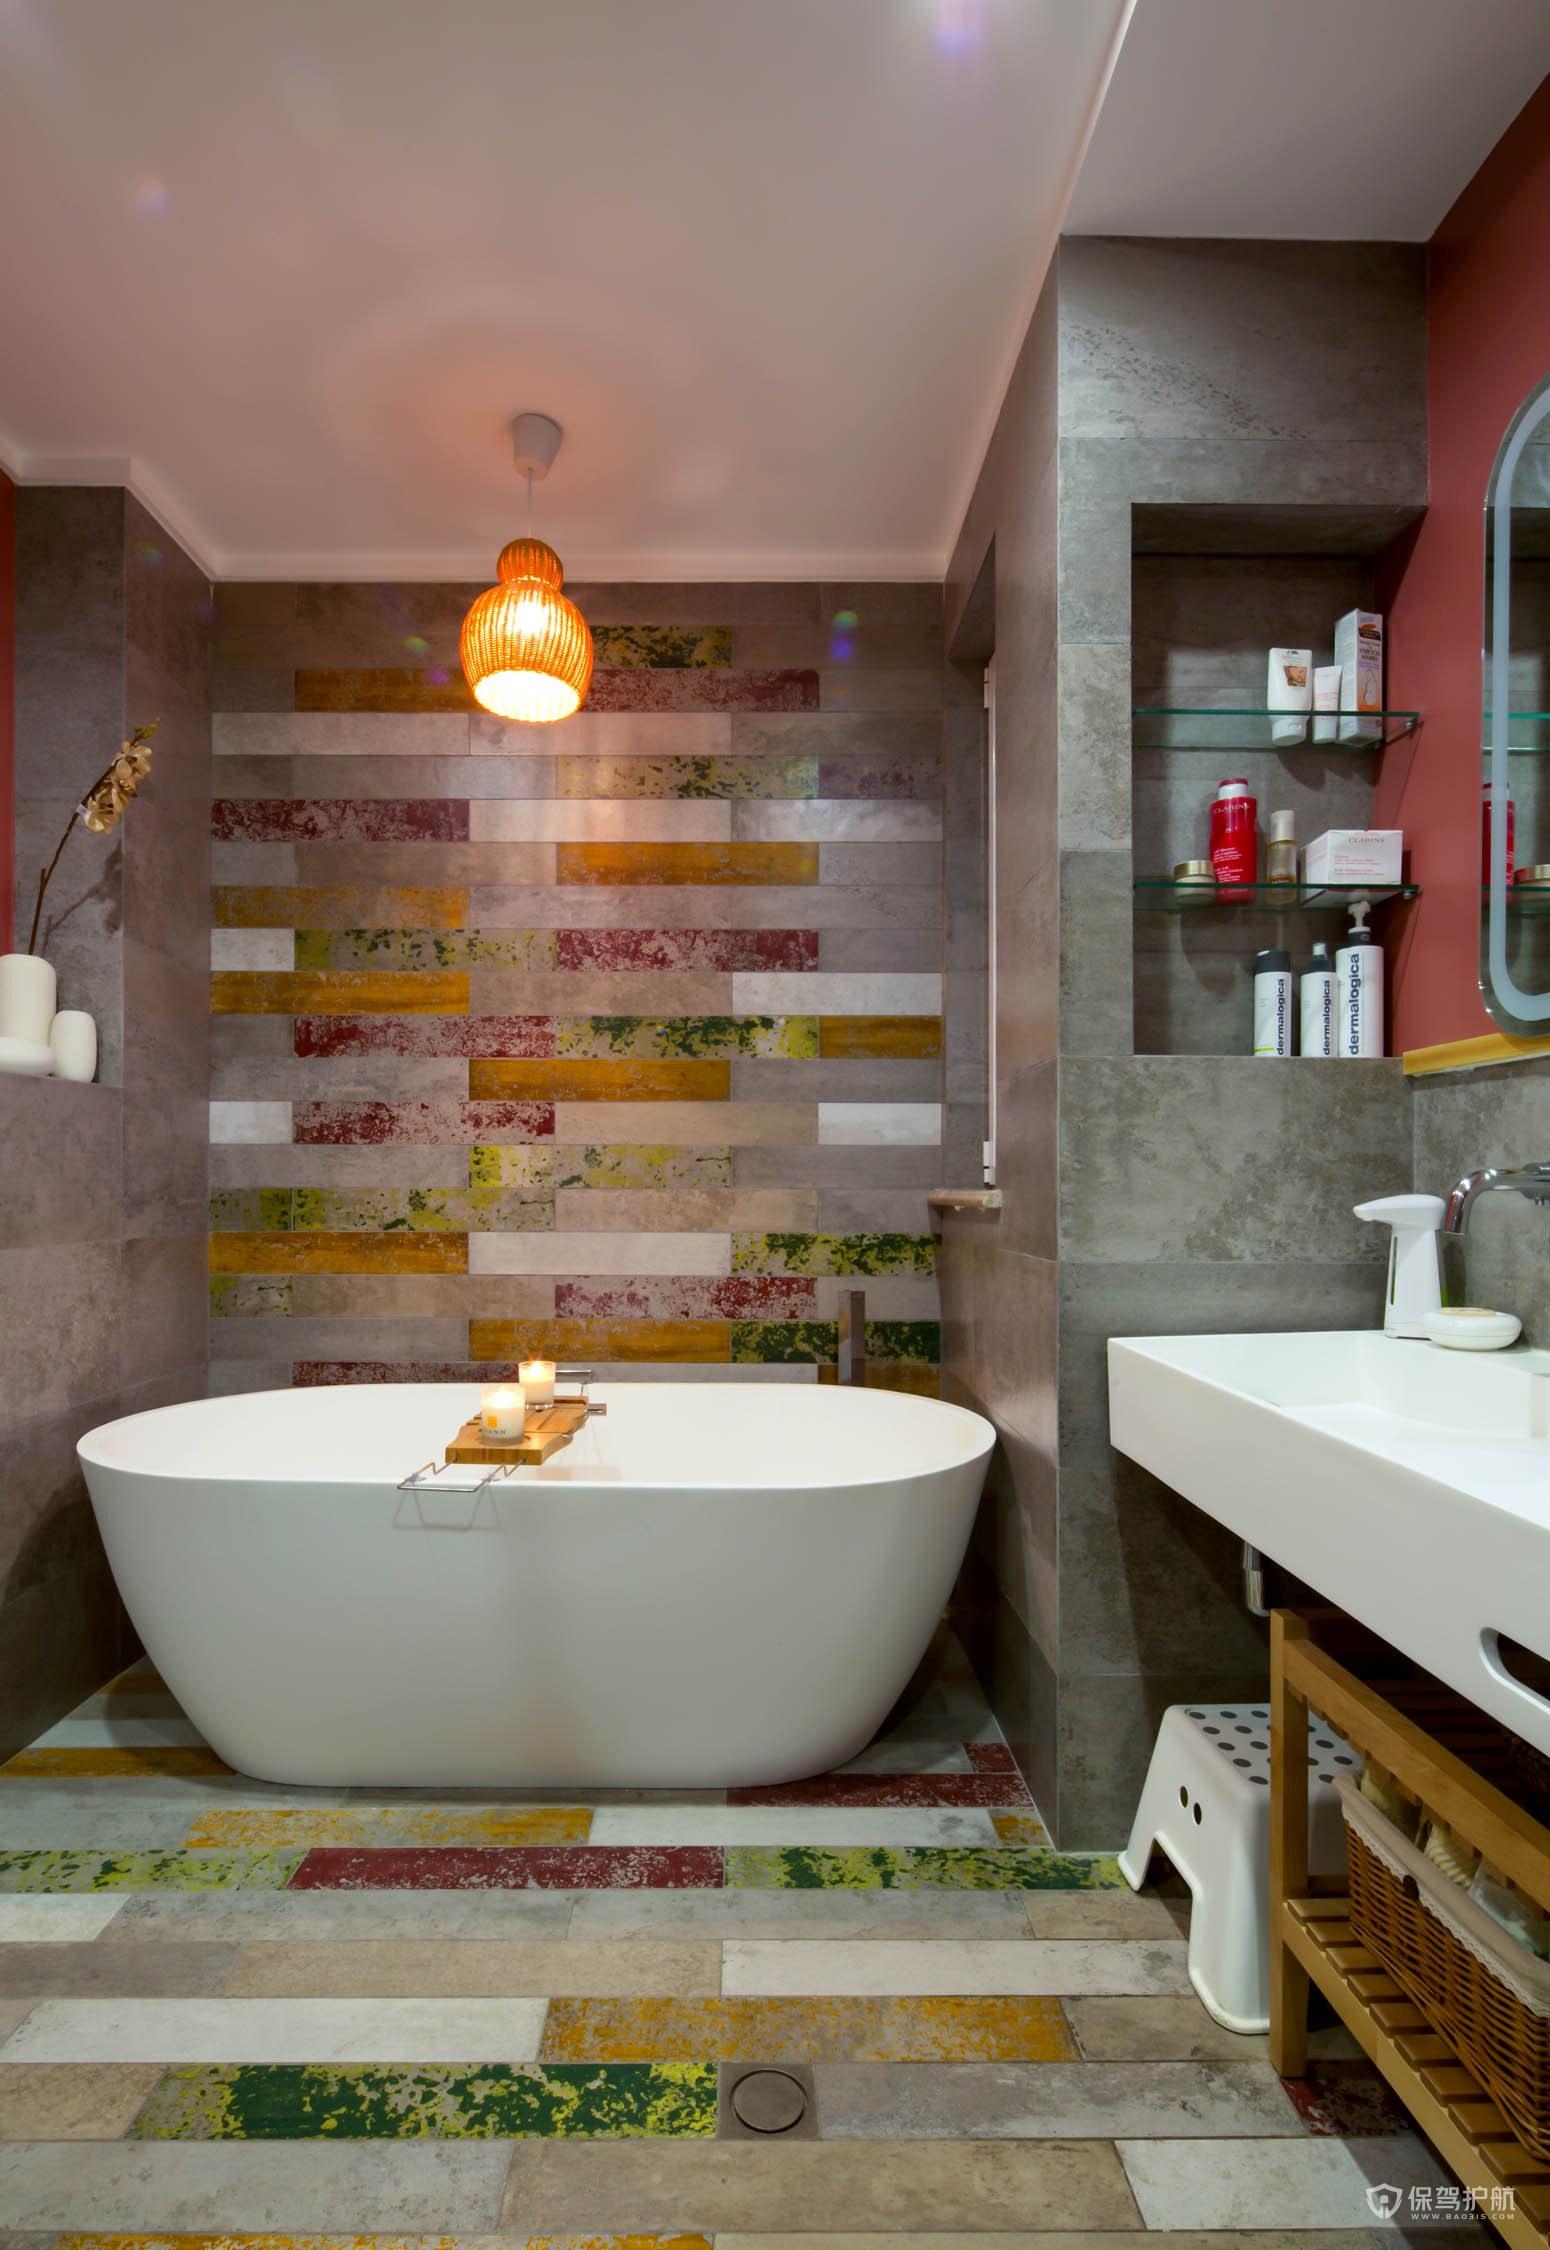 卫生间装浴缸的利弊-保驾护航